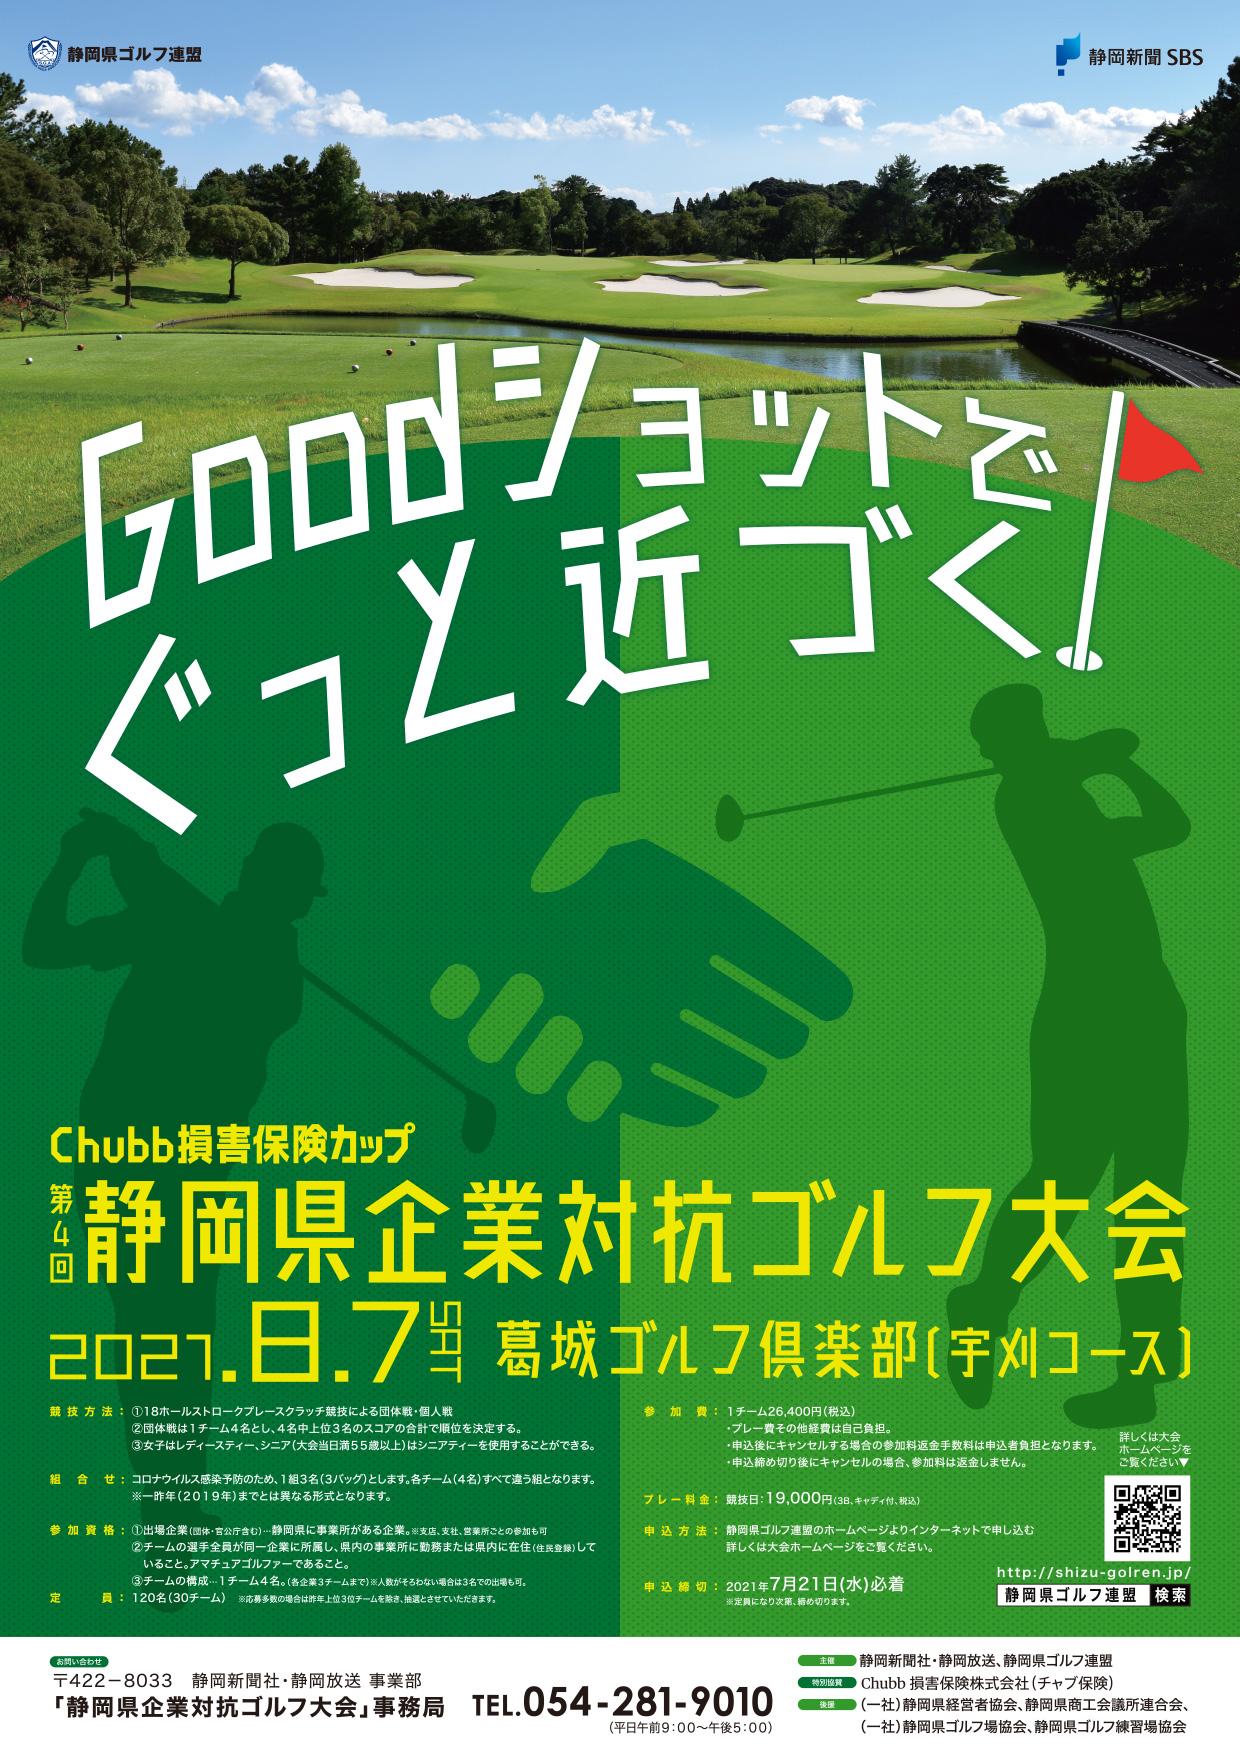 連盟 関東 ゴルフ プロフェッショナルメンバー研修会